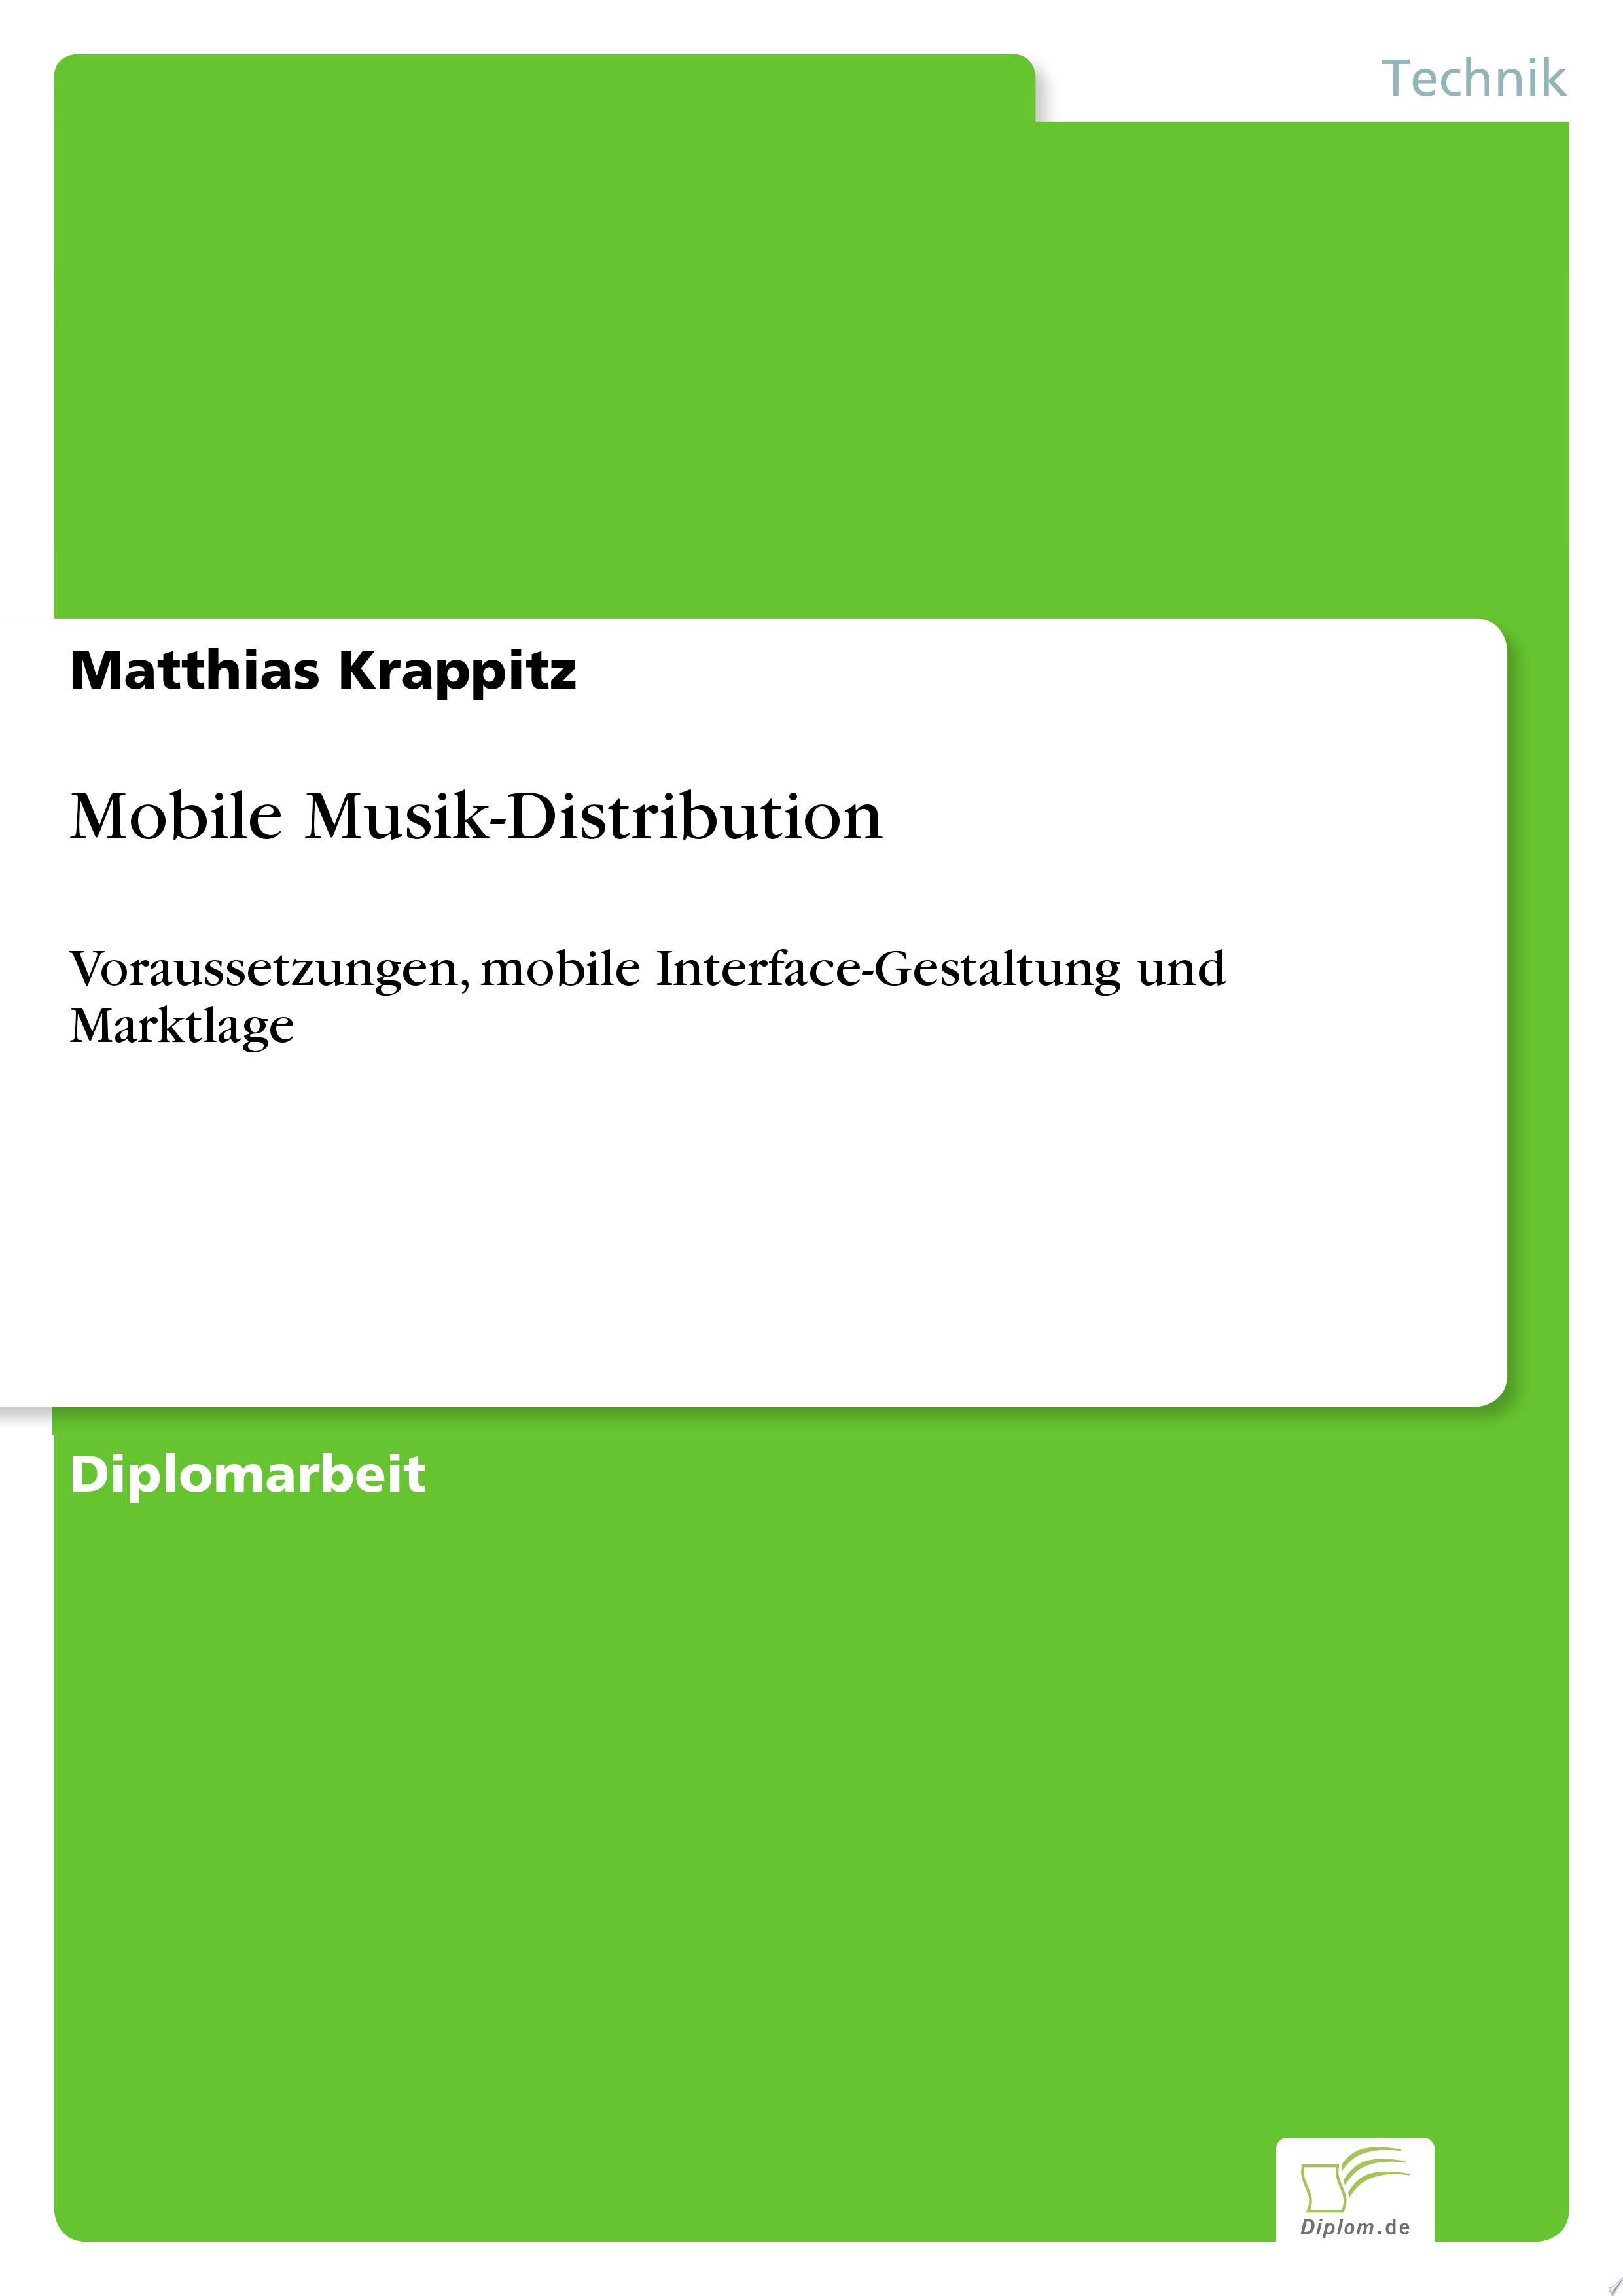 Mobile Musik Distribution